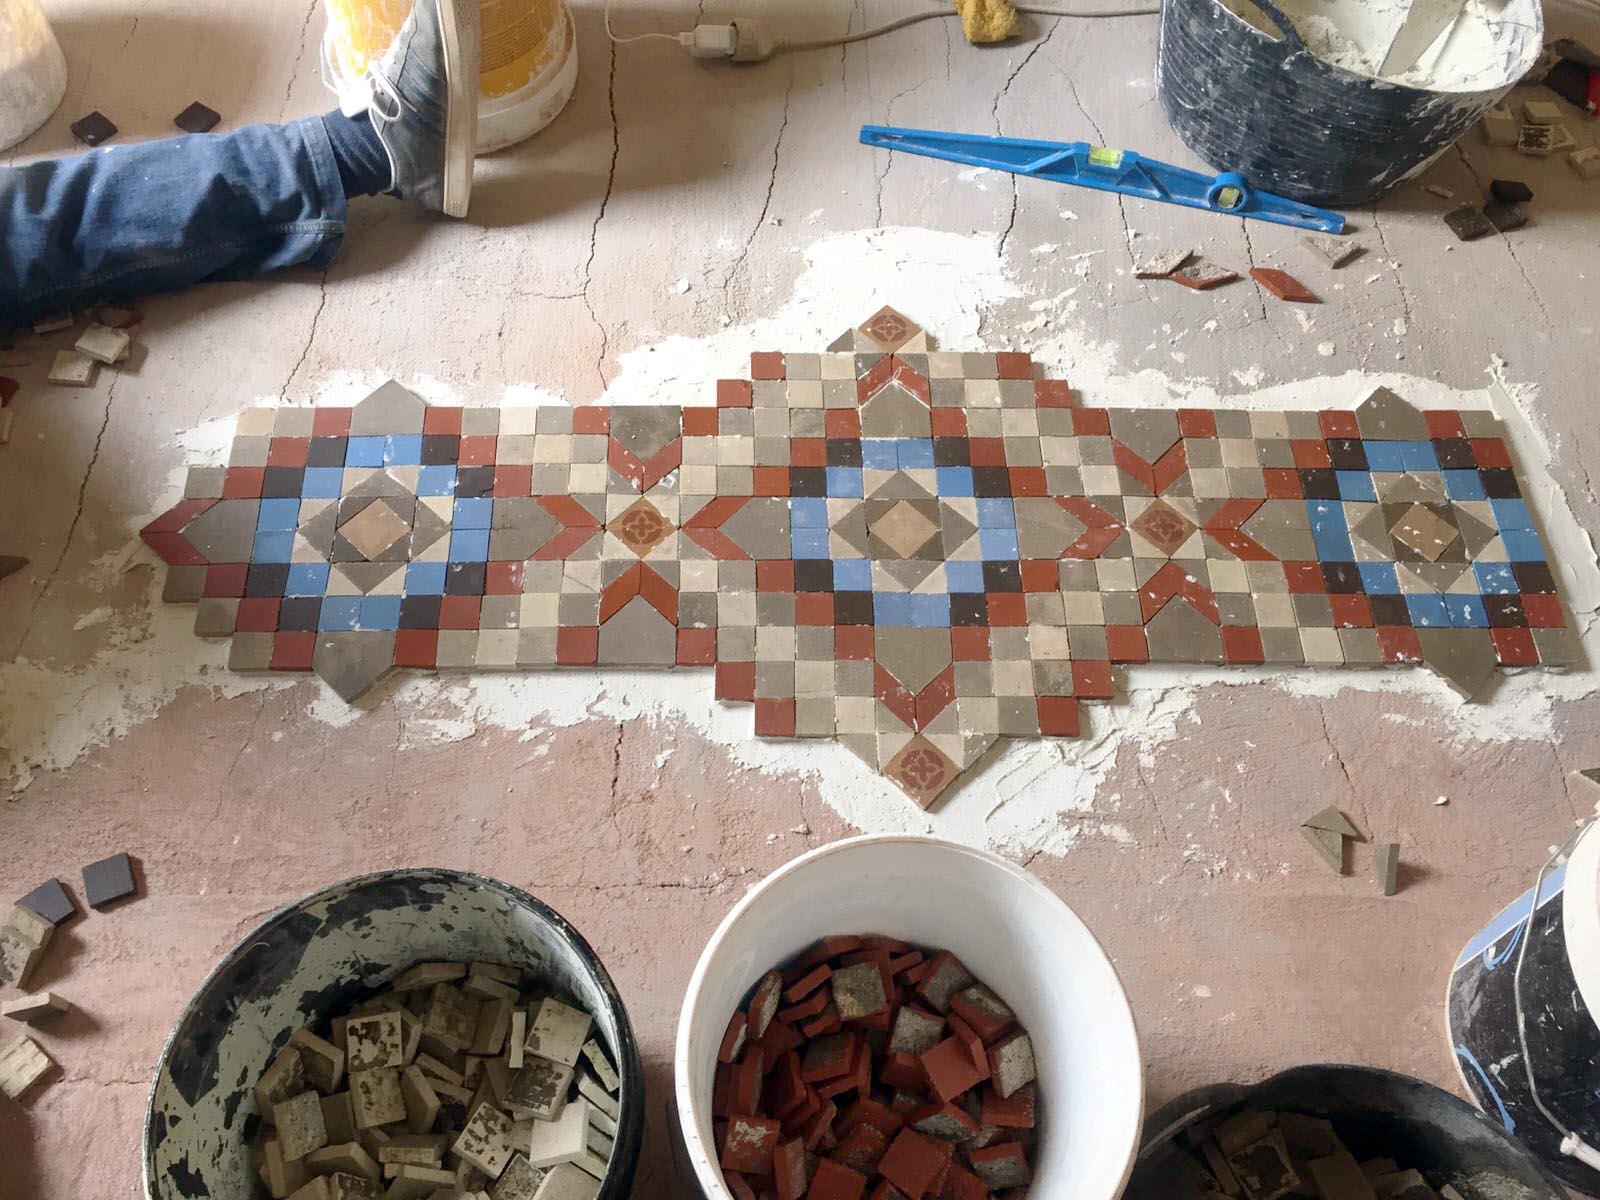 MosaicosBarcelona-Recuperacion-suelo-nolla-en-vivienda-calle-Trafalgar-Barcelona-24